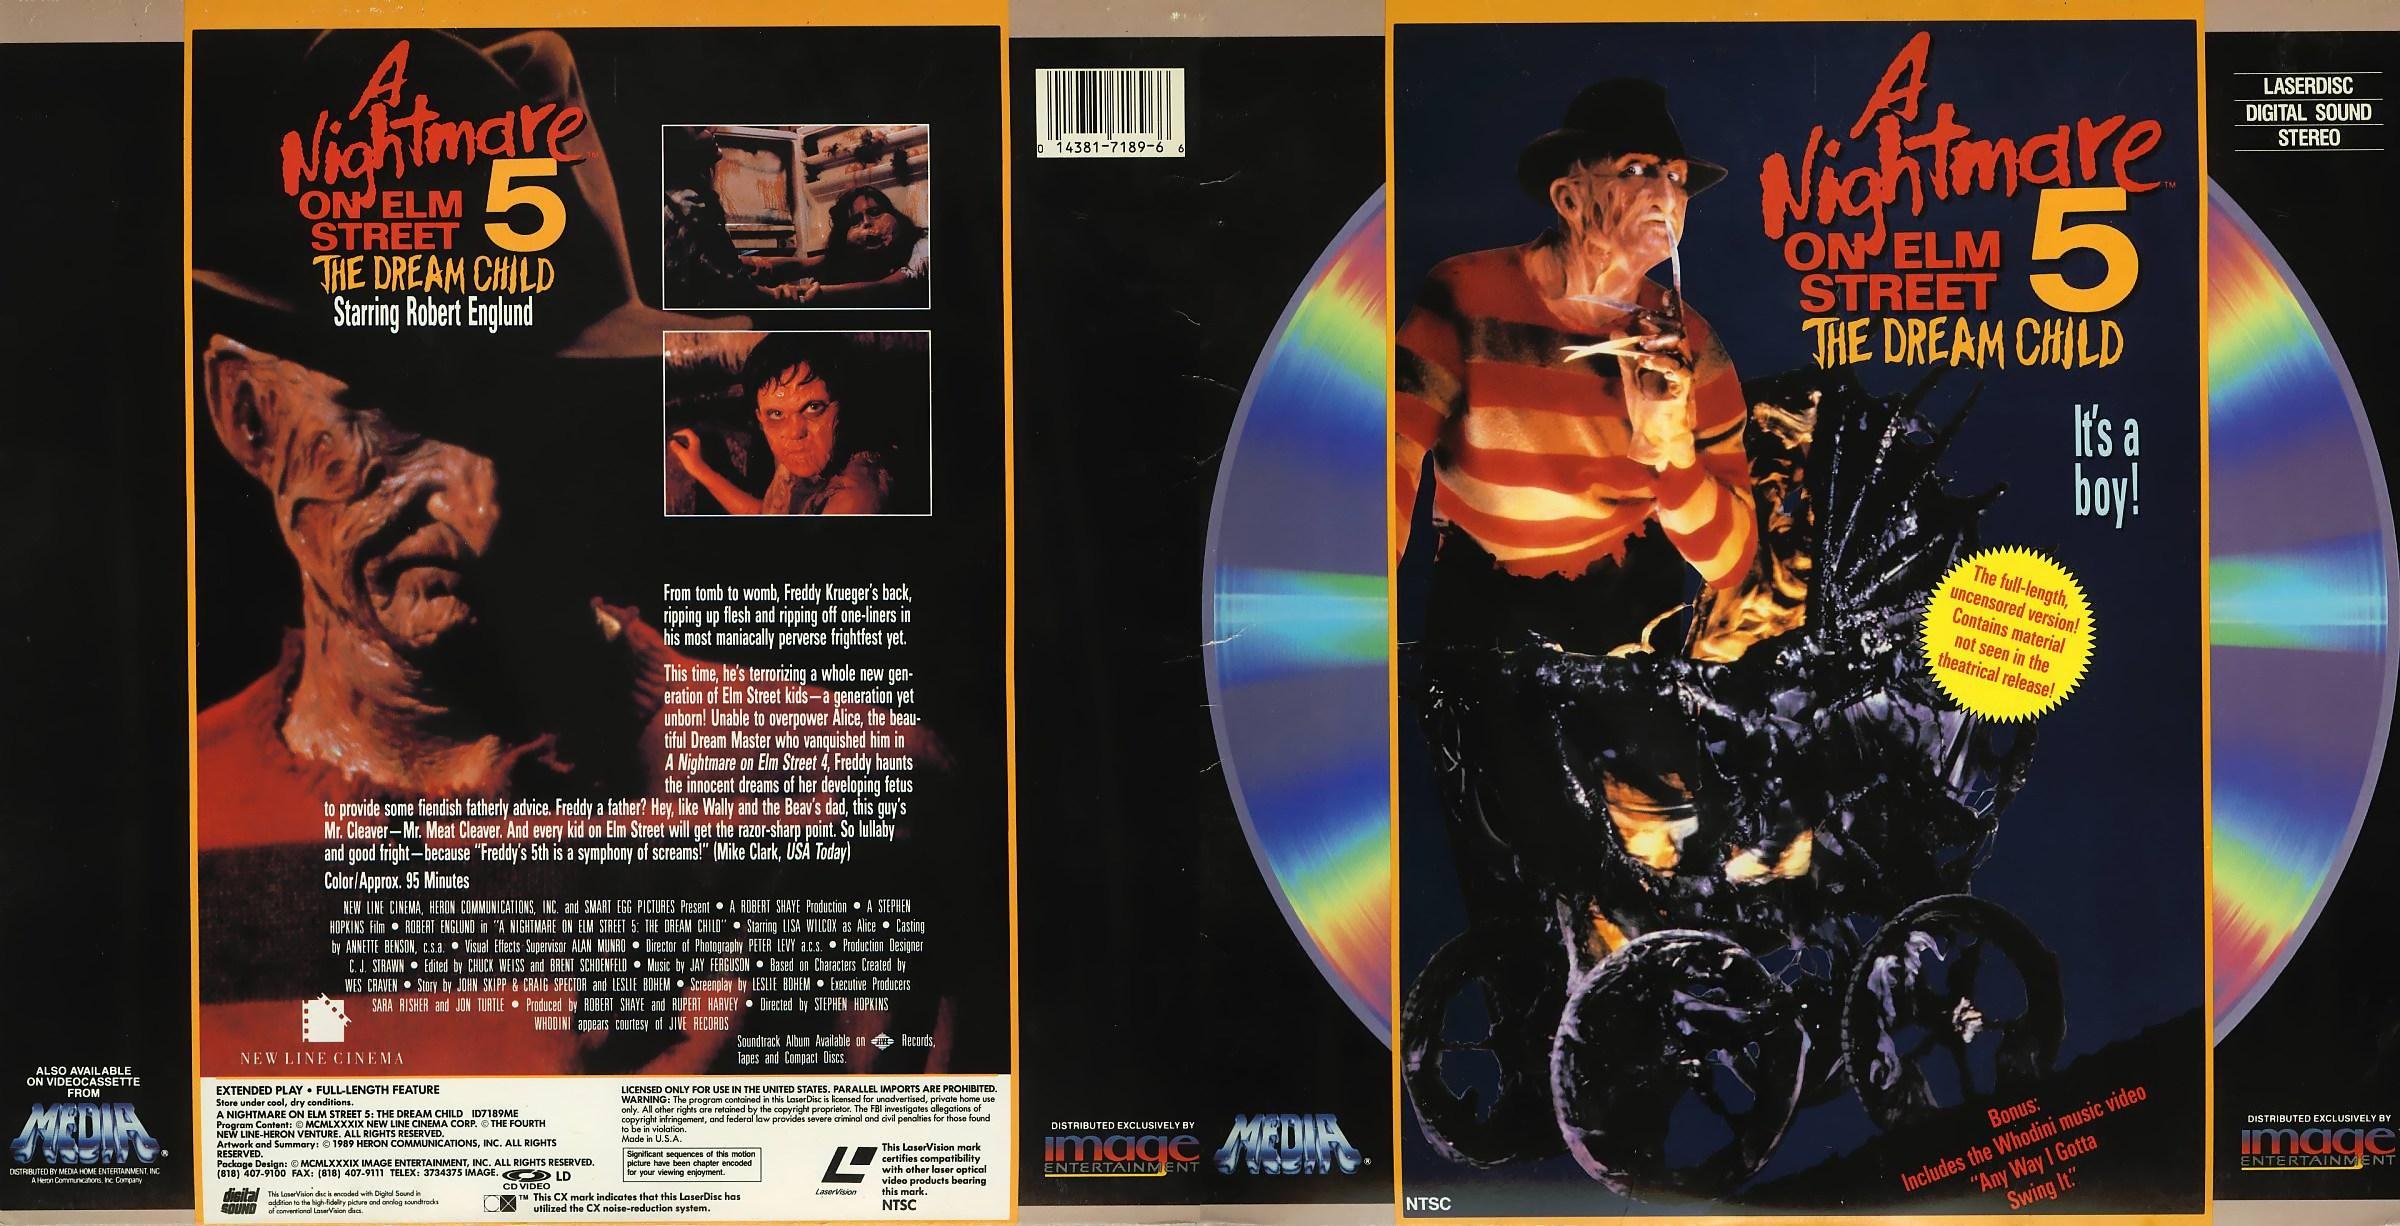 A Nightmare On Elm Street 5 on laserdisc